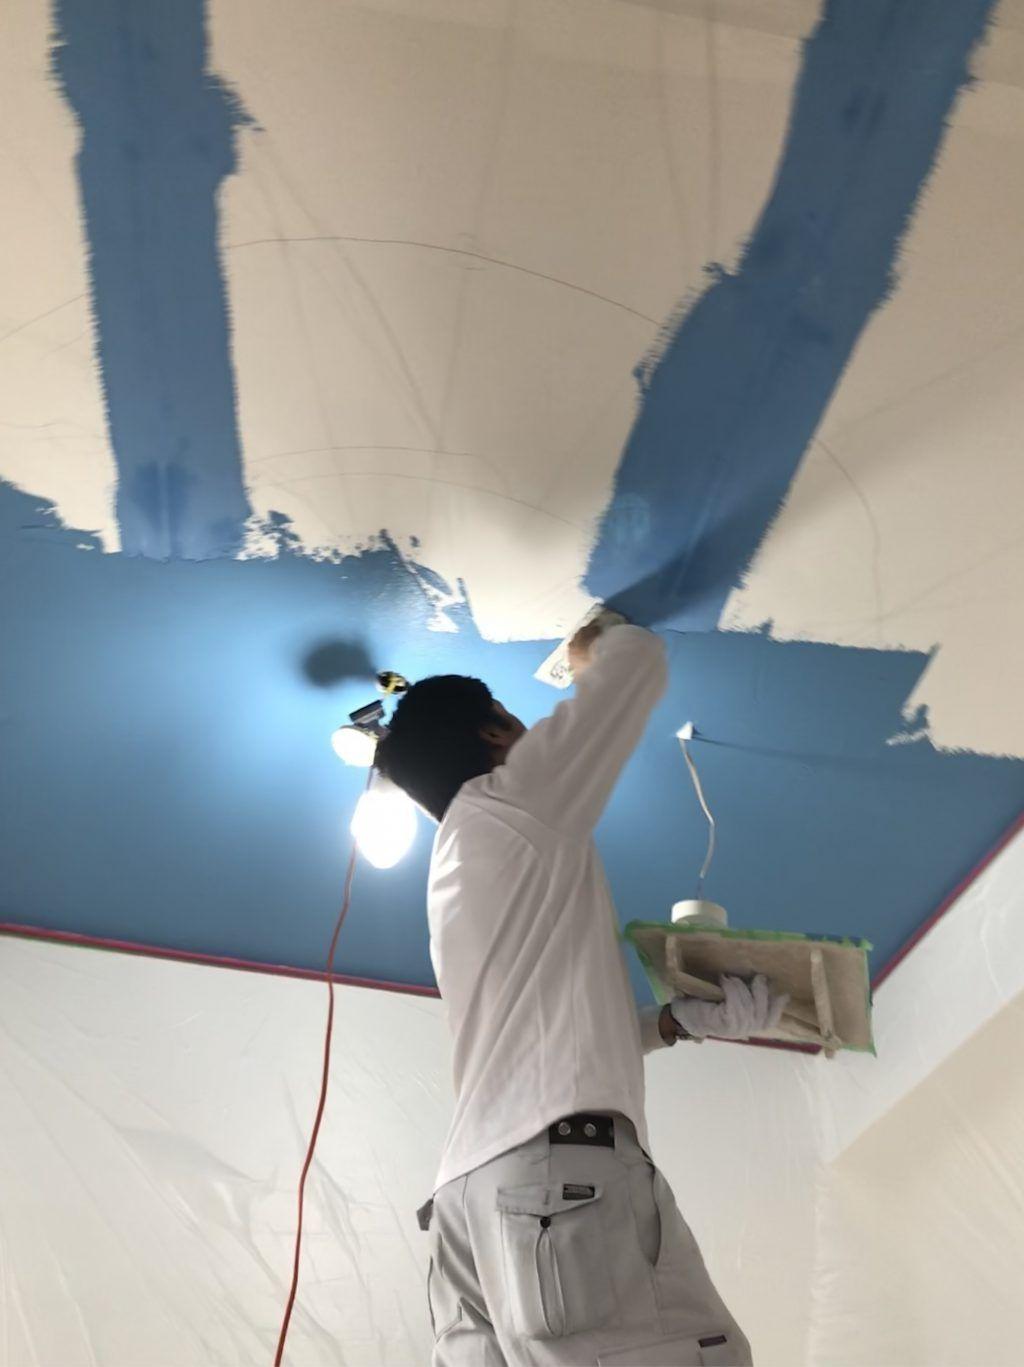 今日は天井のみ珪藻土仕上げです Em珪藻土ならok Crafts 天井